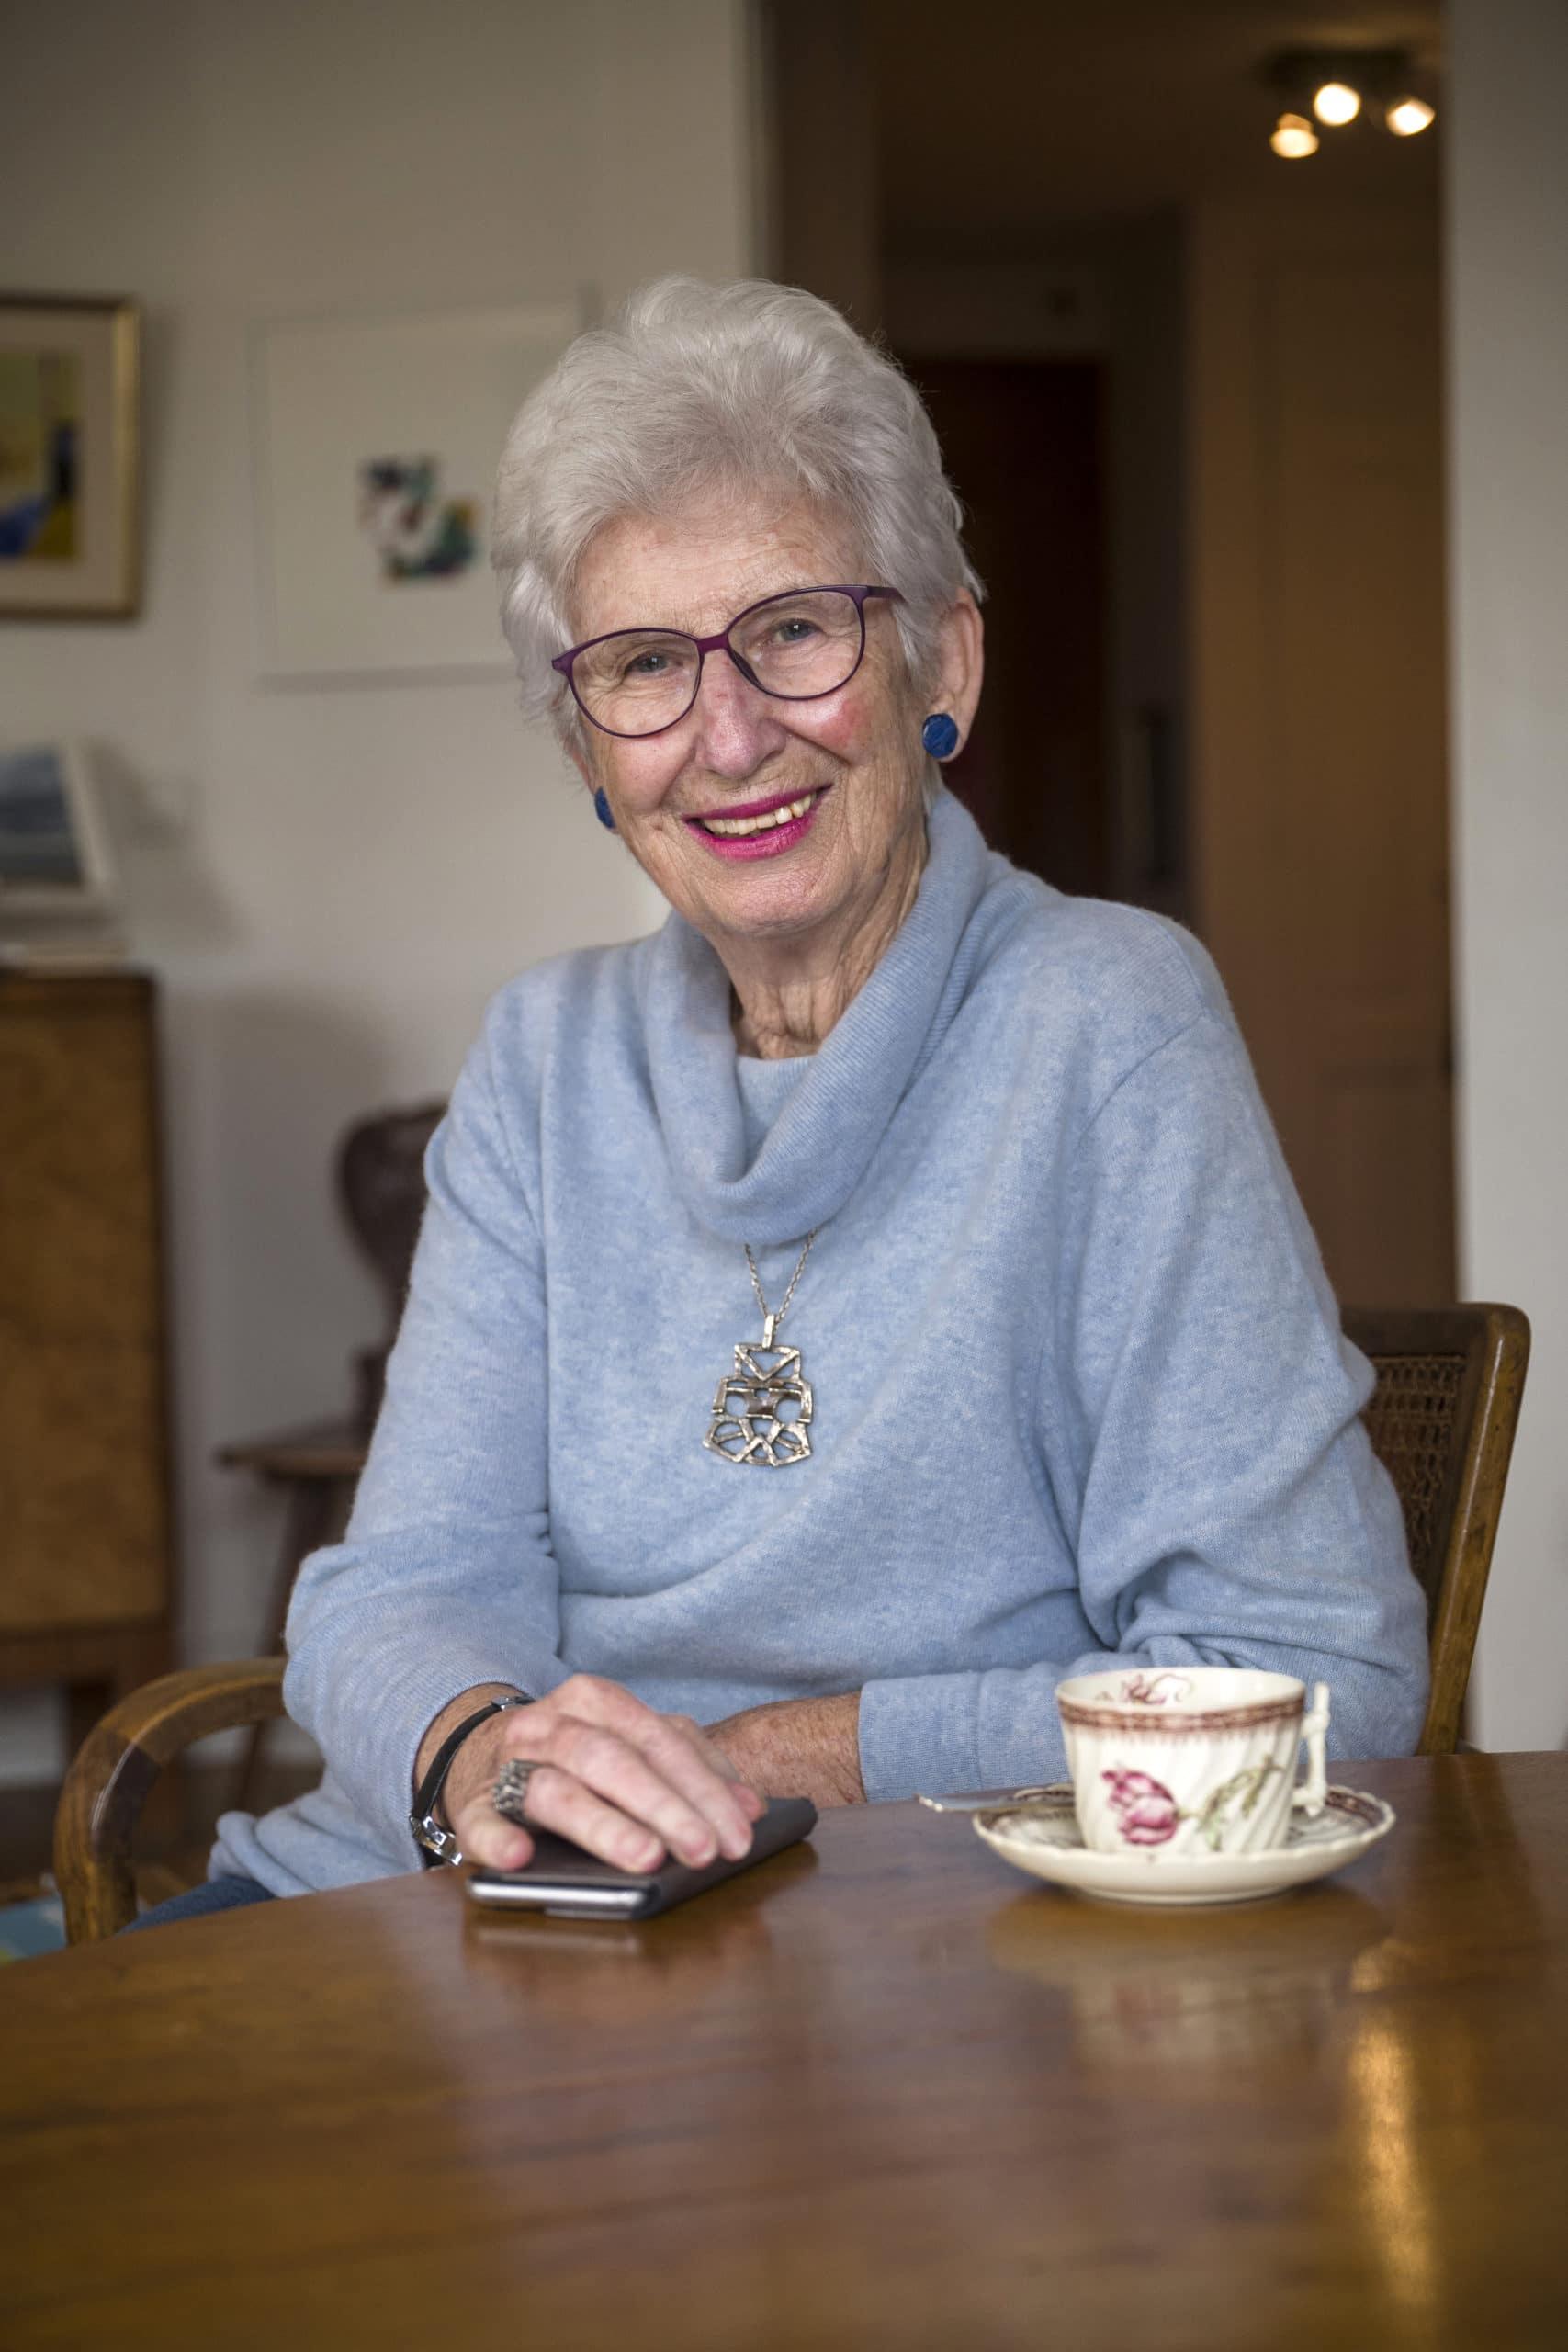 Portrait de Murielle, membre du Forum Citoyen de Genève